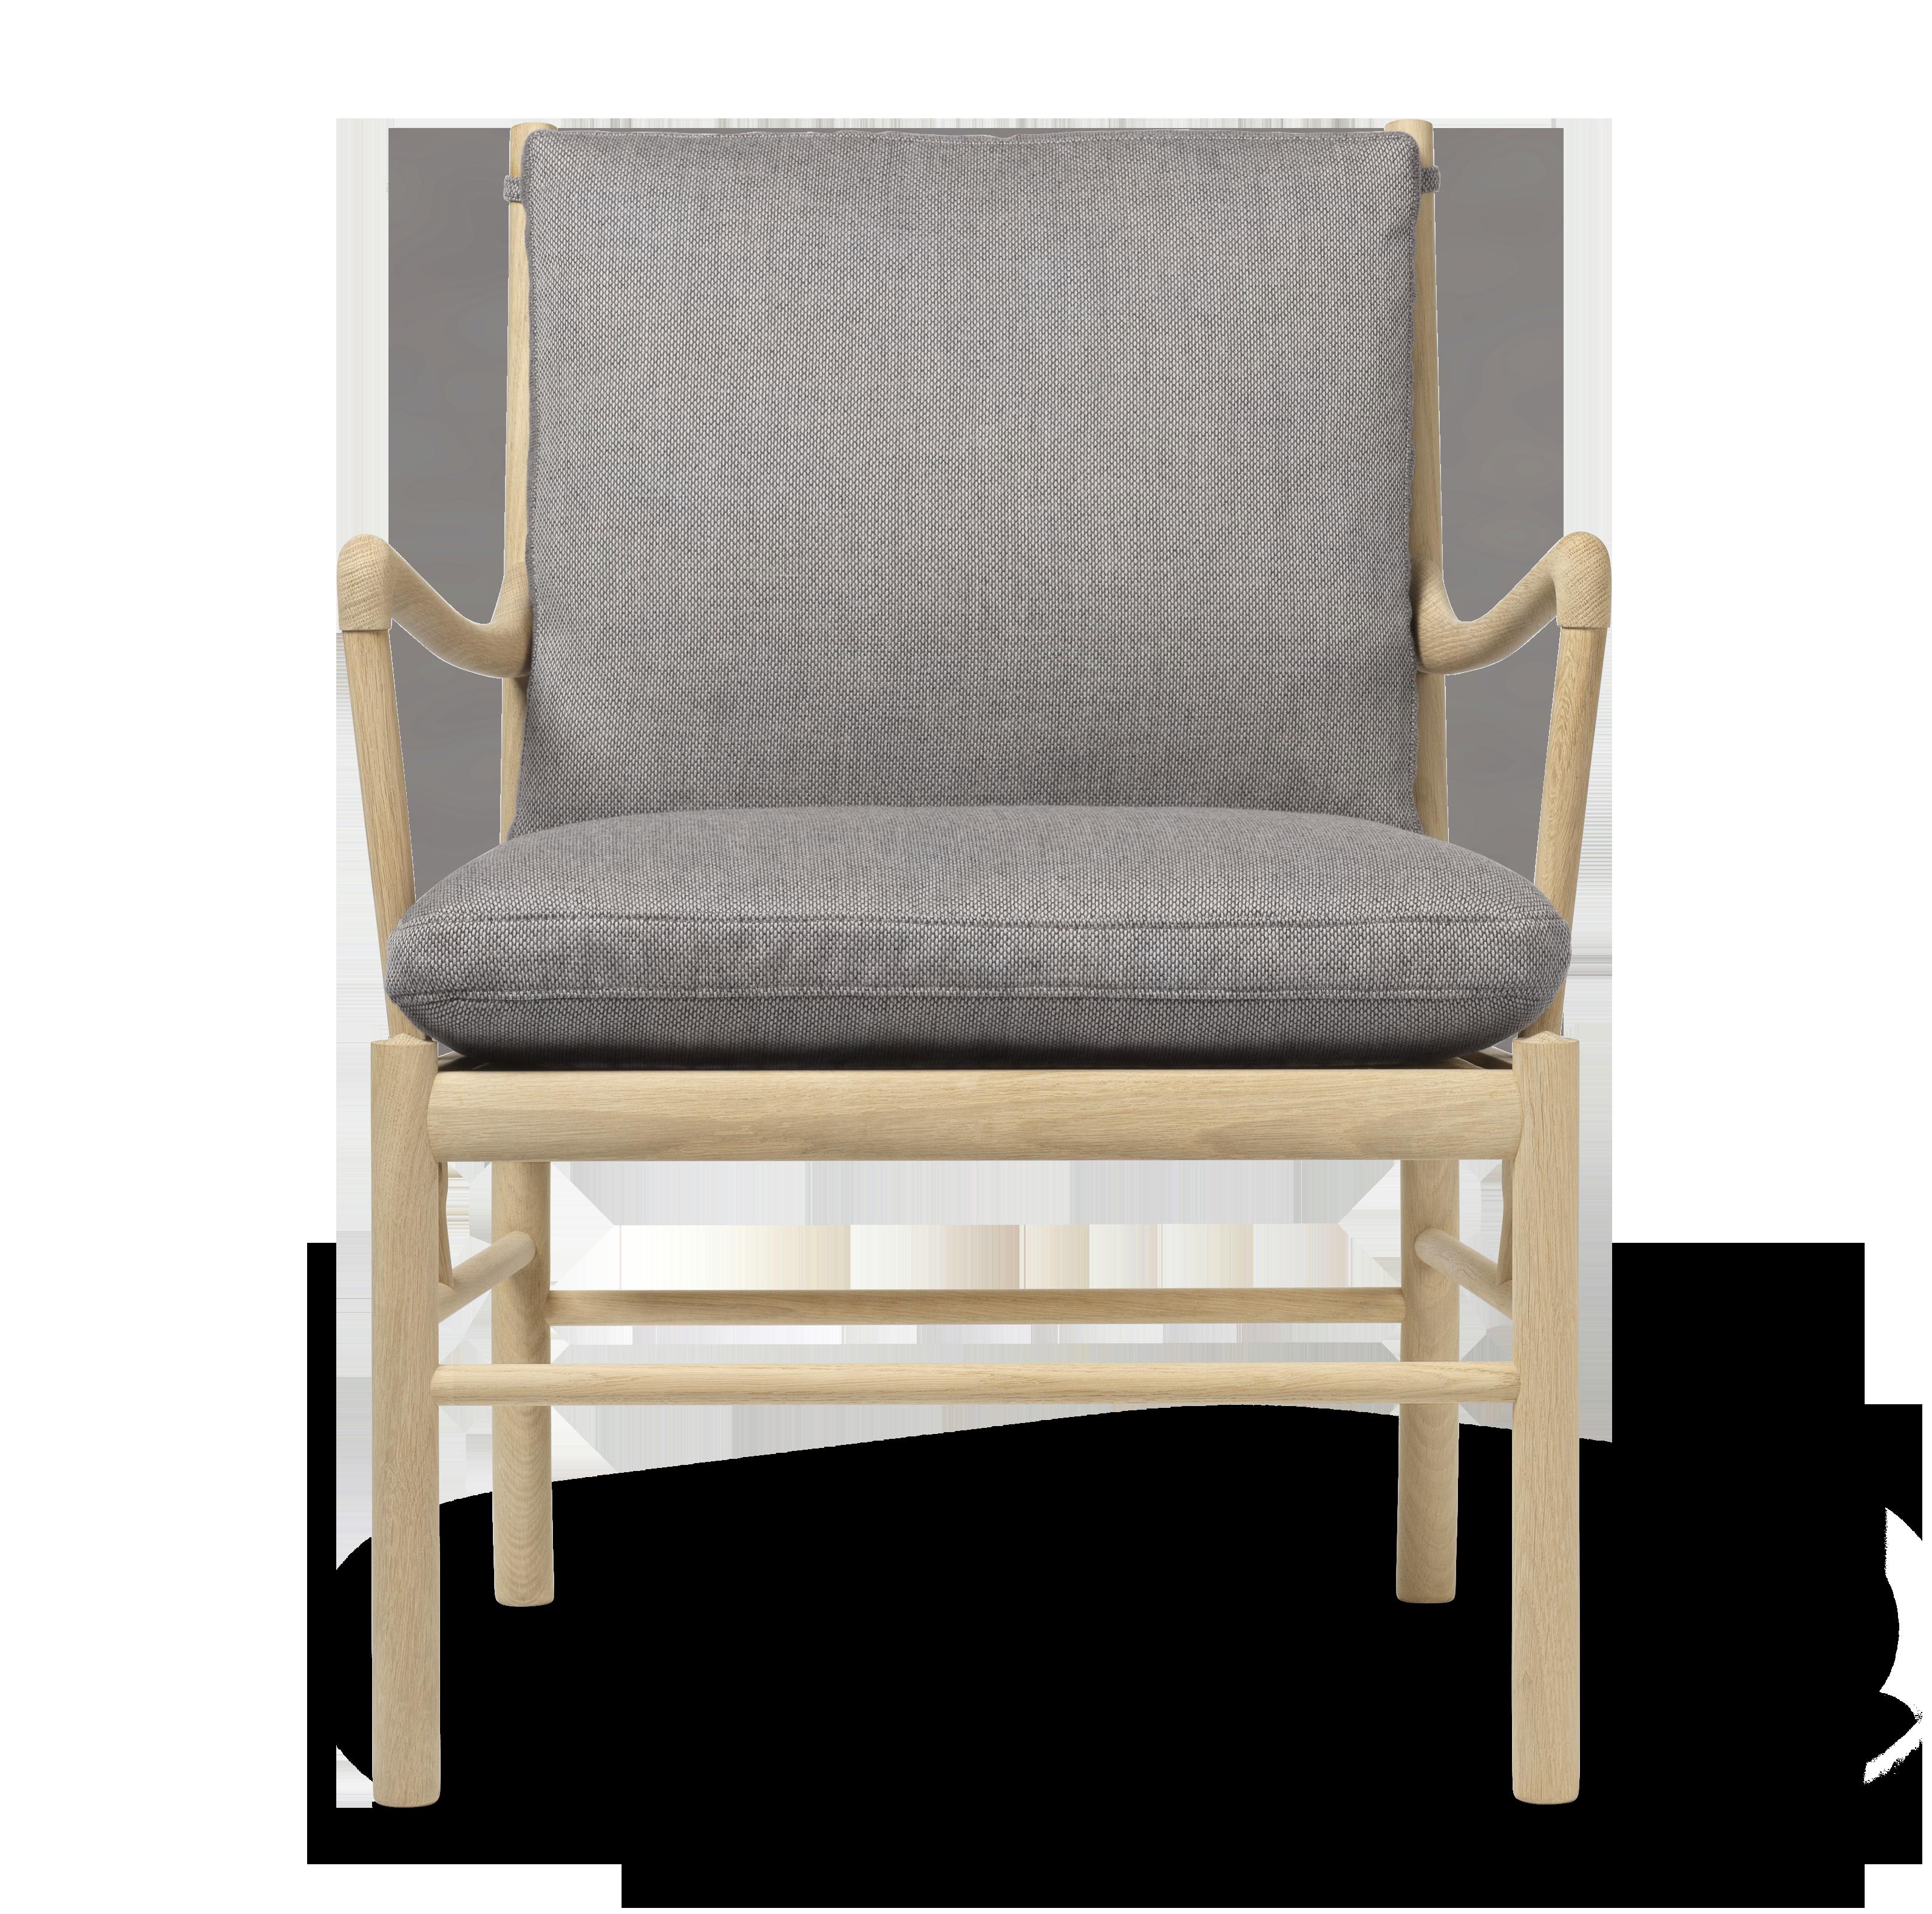 Ow149 Colonial Chair By Ole Wanscher Carl Hansen Søn